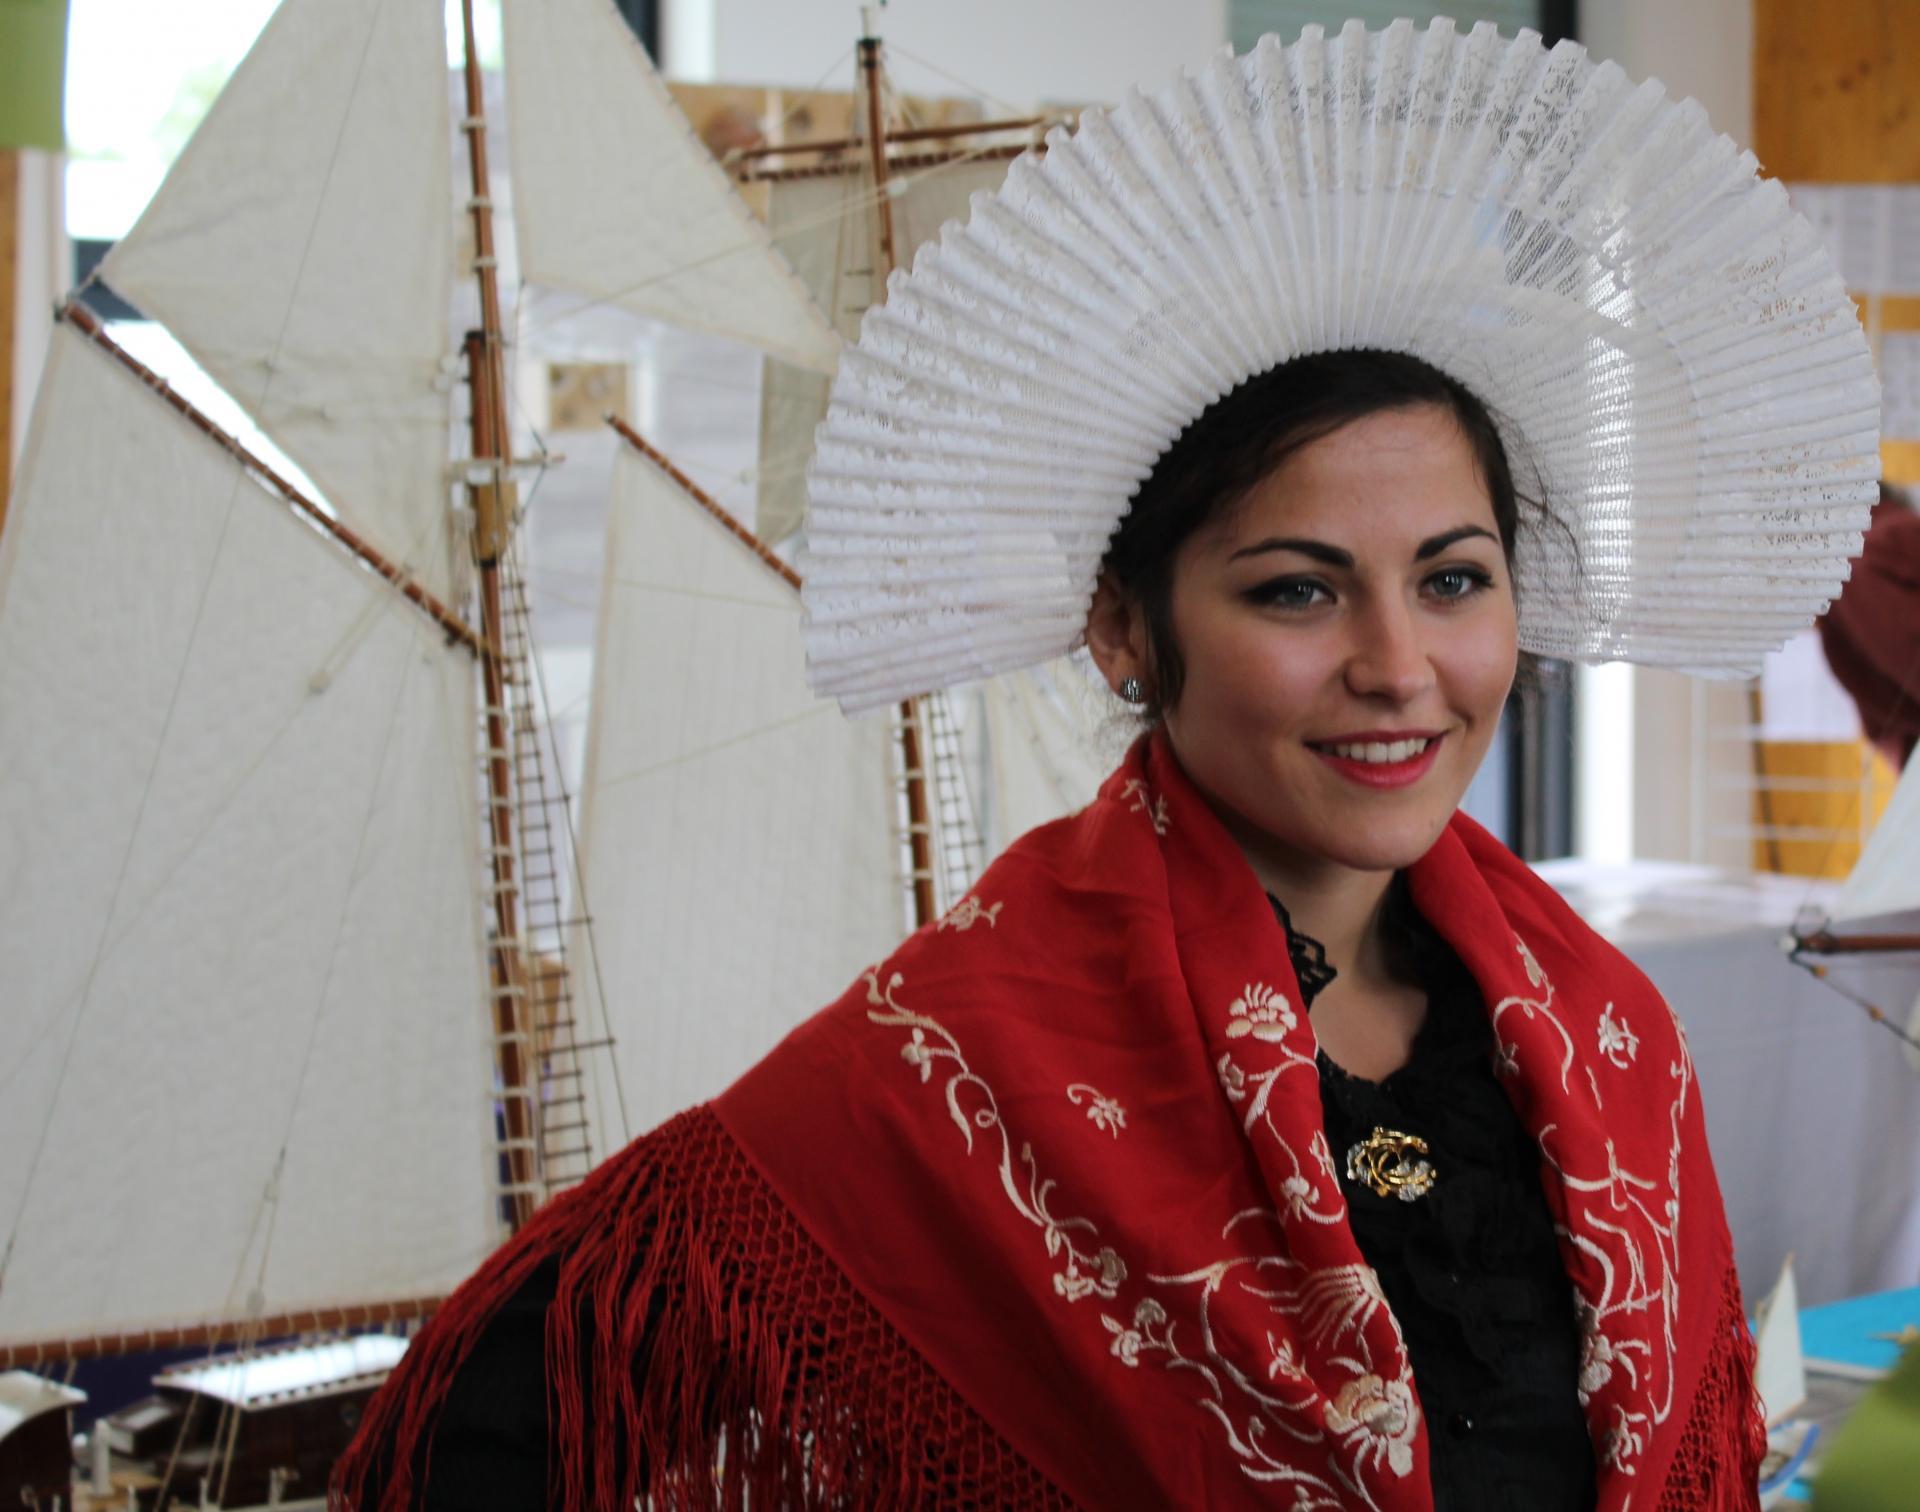 Maison des islandais à la fête des islandais hemmes de marck une matelote en grande tenue